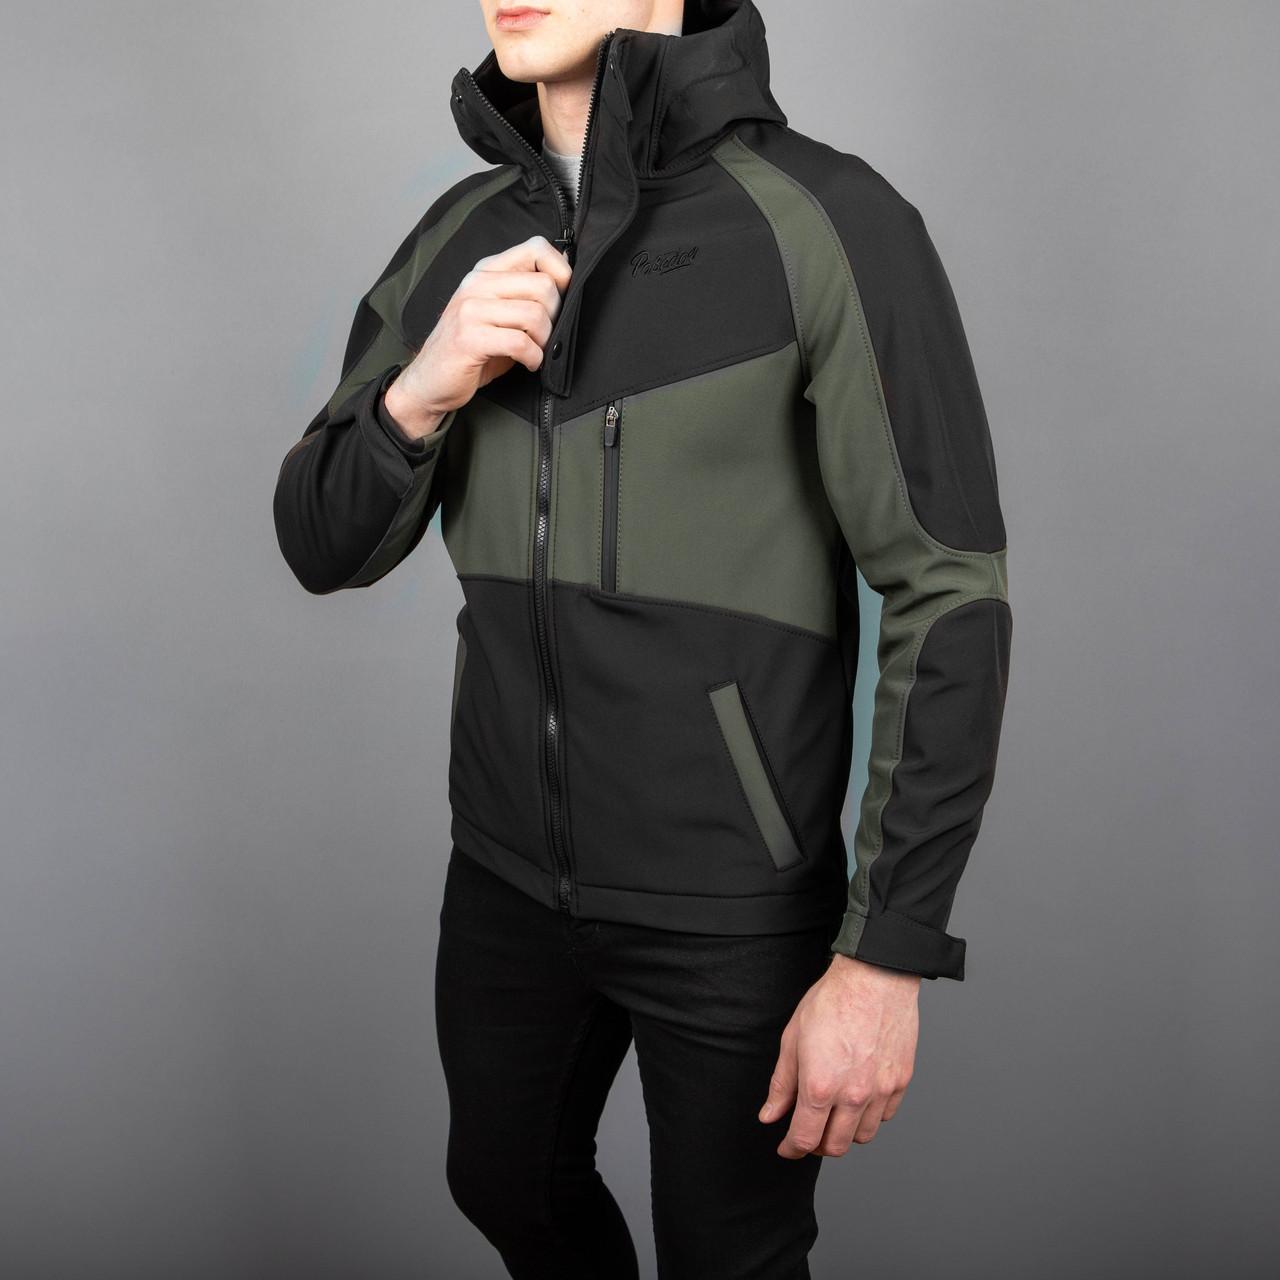 Мужская куртка Pobedov Khaki-Black Soft Shell (Софт Шелл)